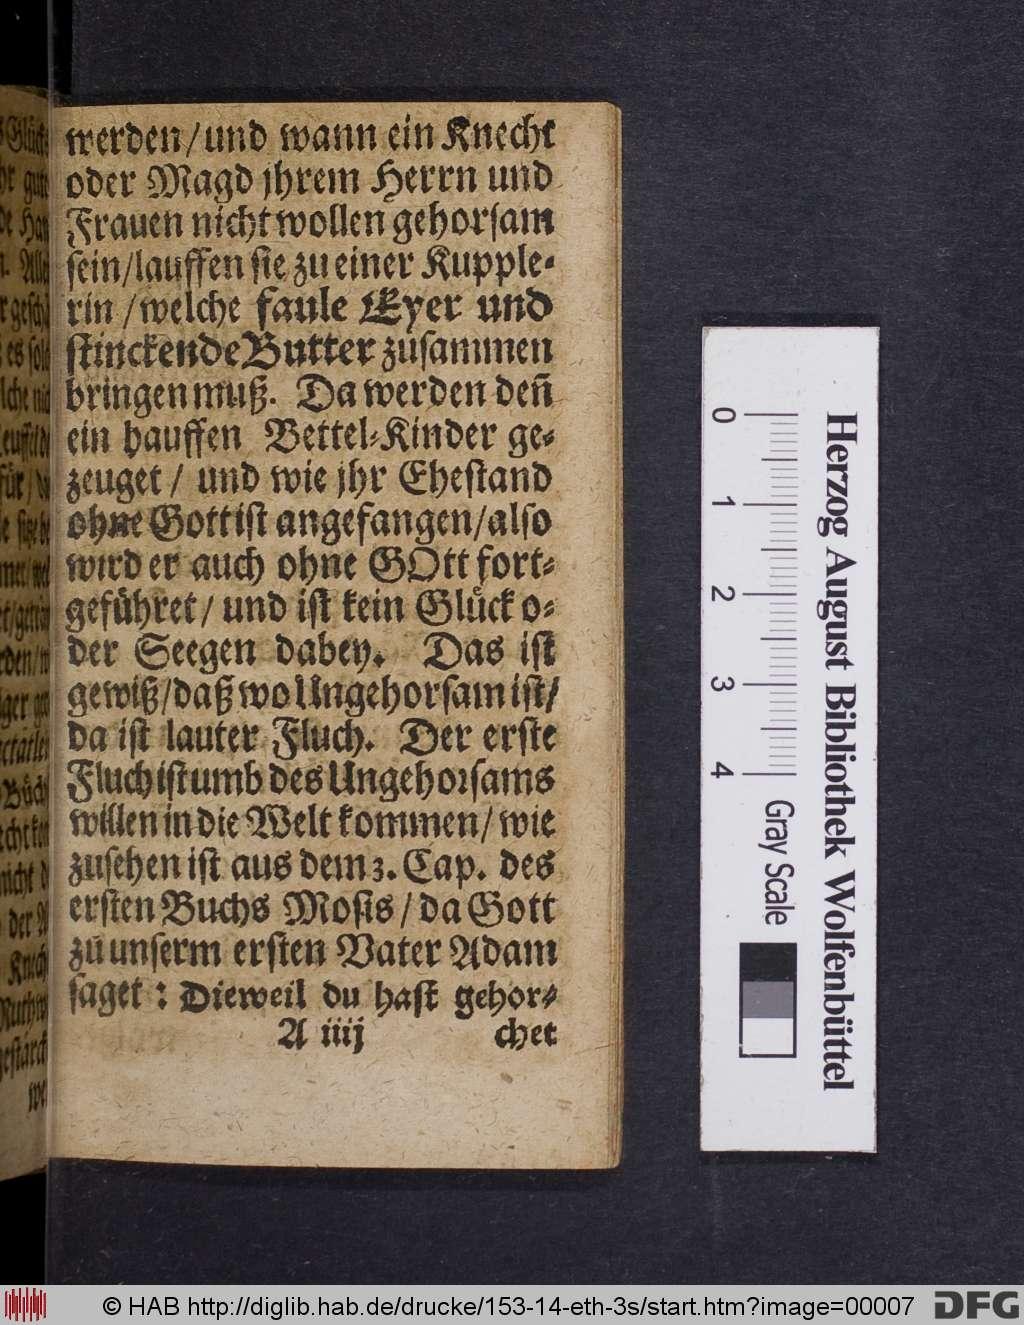 http://diglib.hab.de/drucke/153-14-eth-3s/00007.jpg